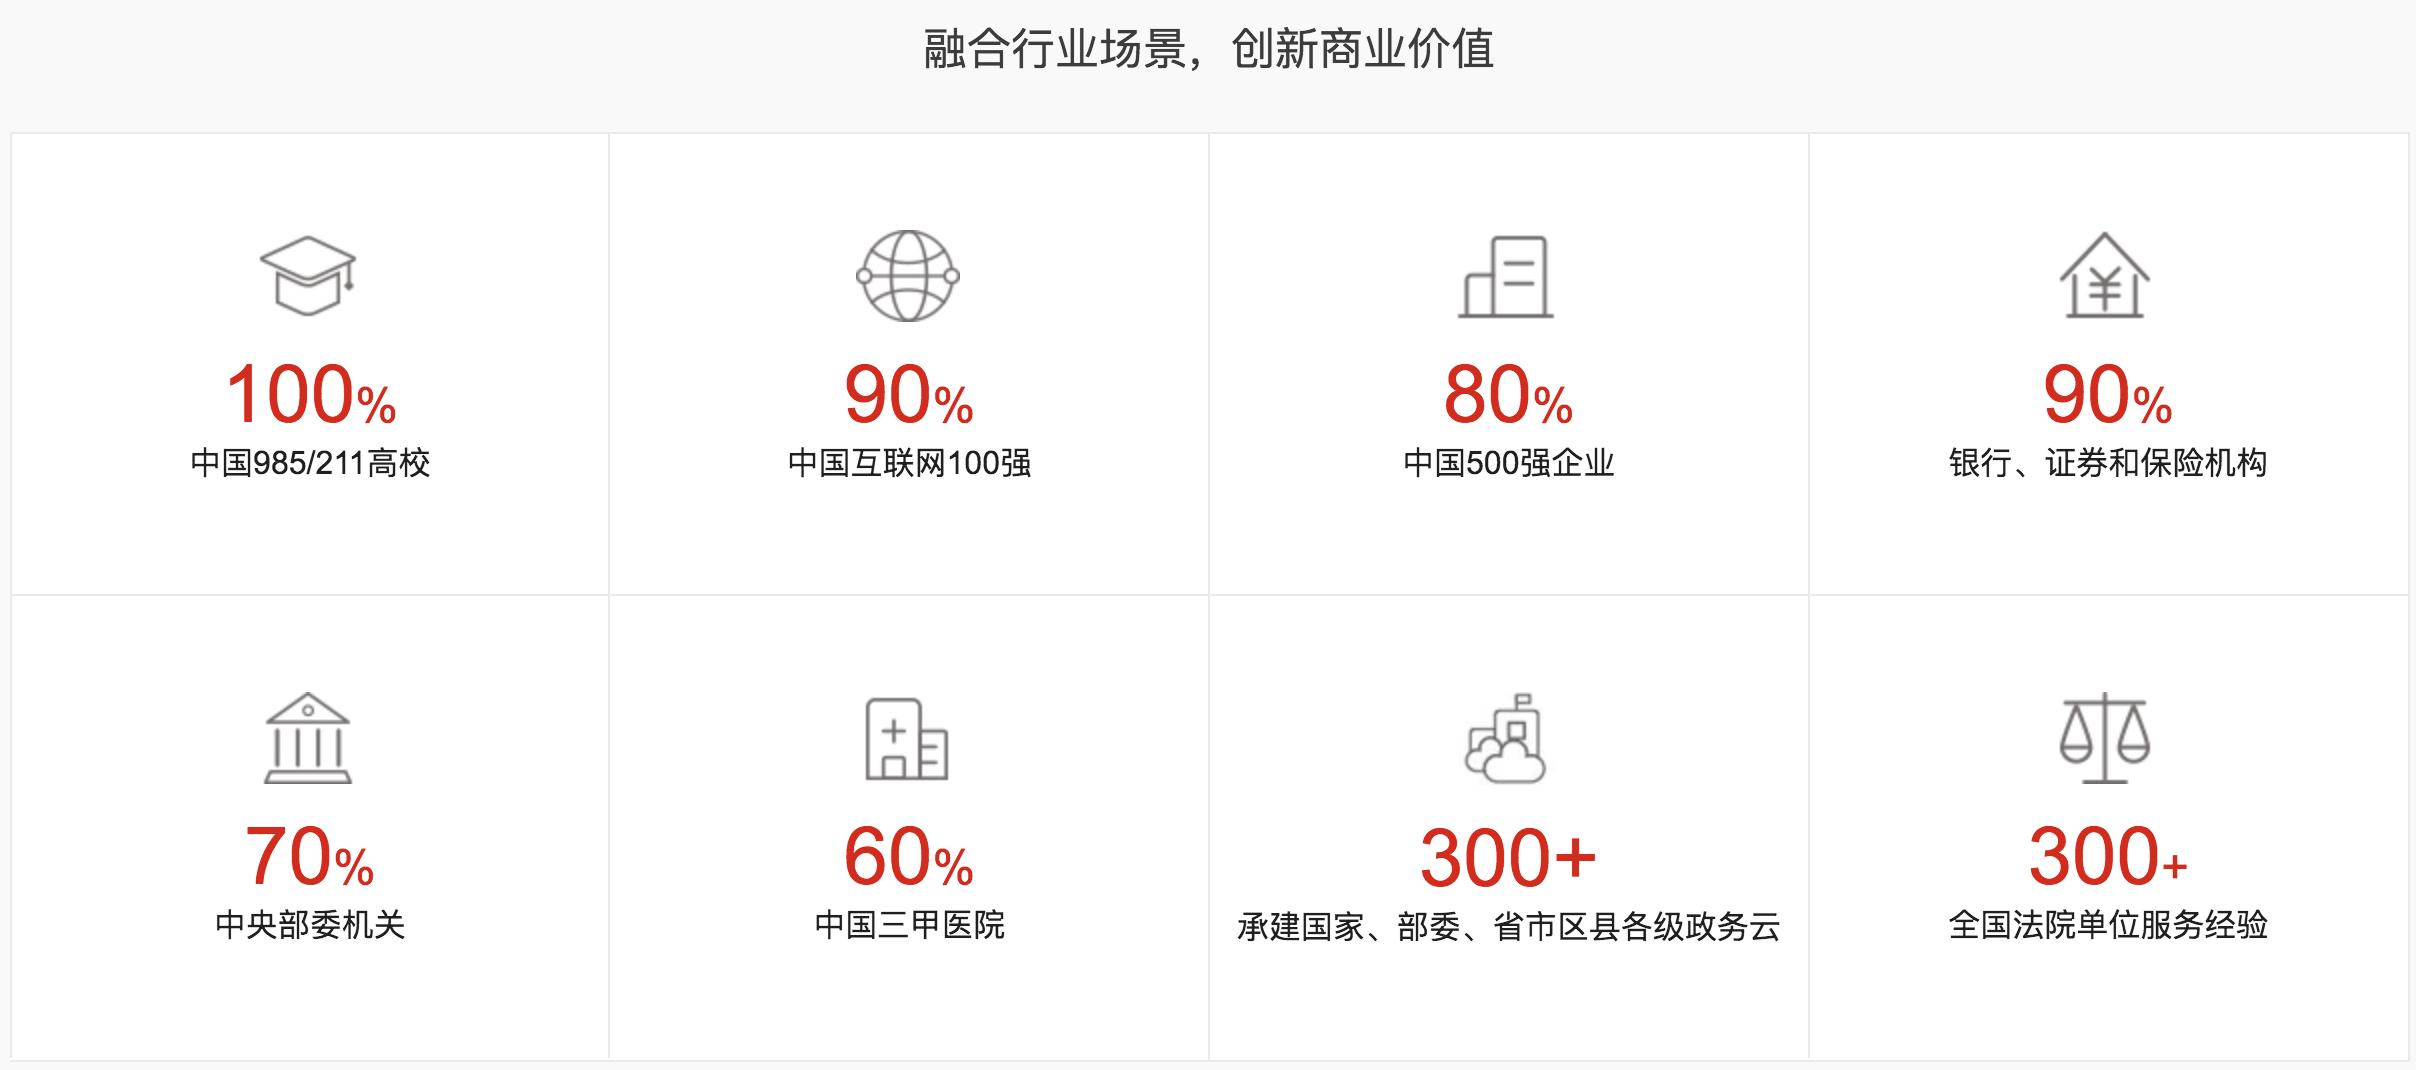 招聘 | 新华三集团诚招网络安全人才